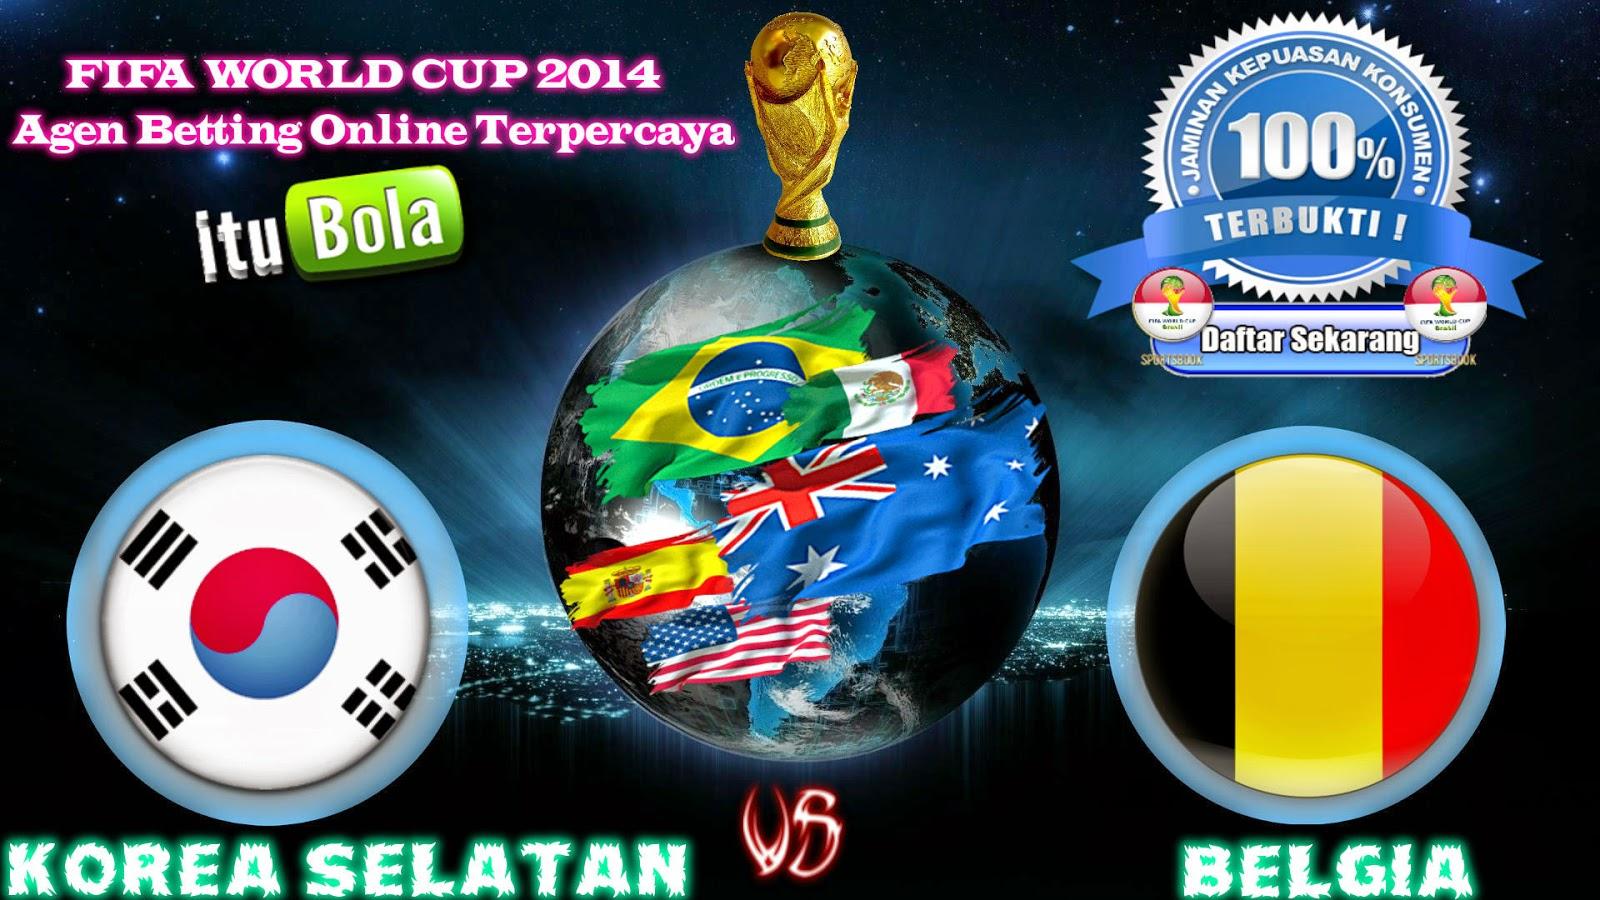 Prediksi Korea Selatan vs Belgia